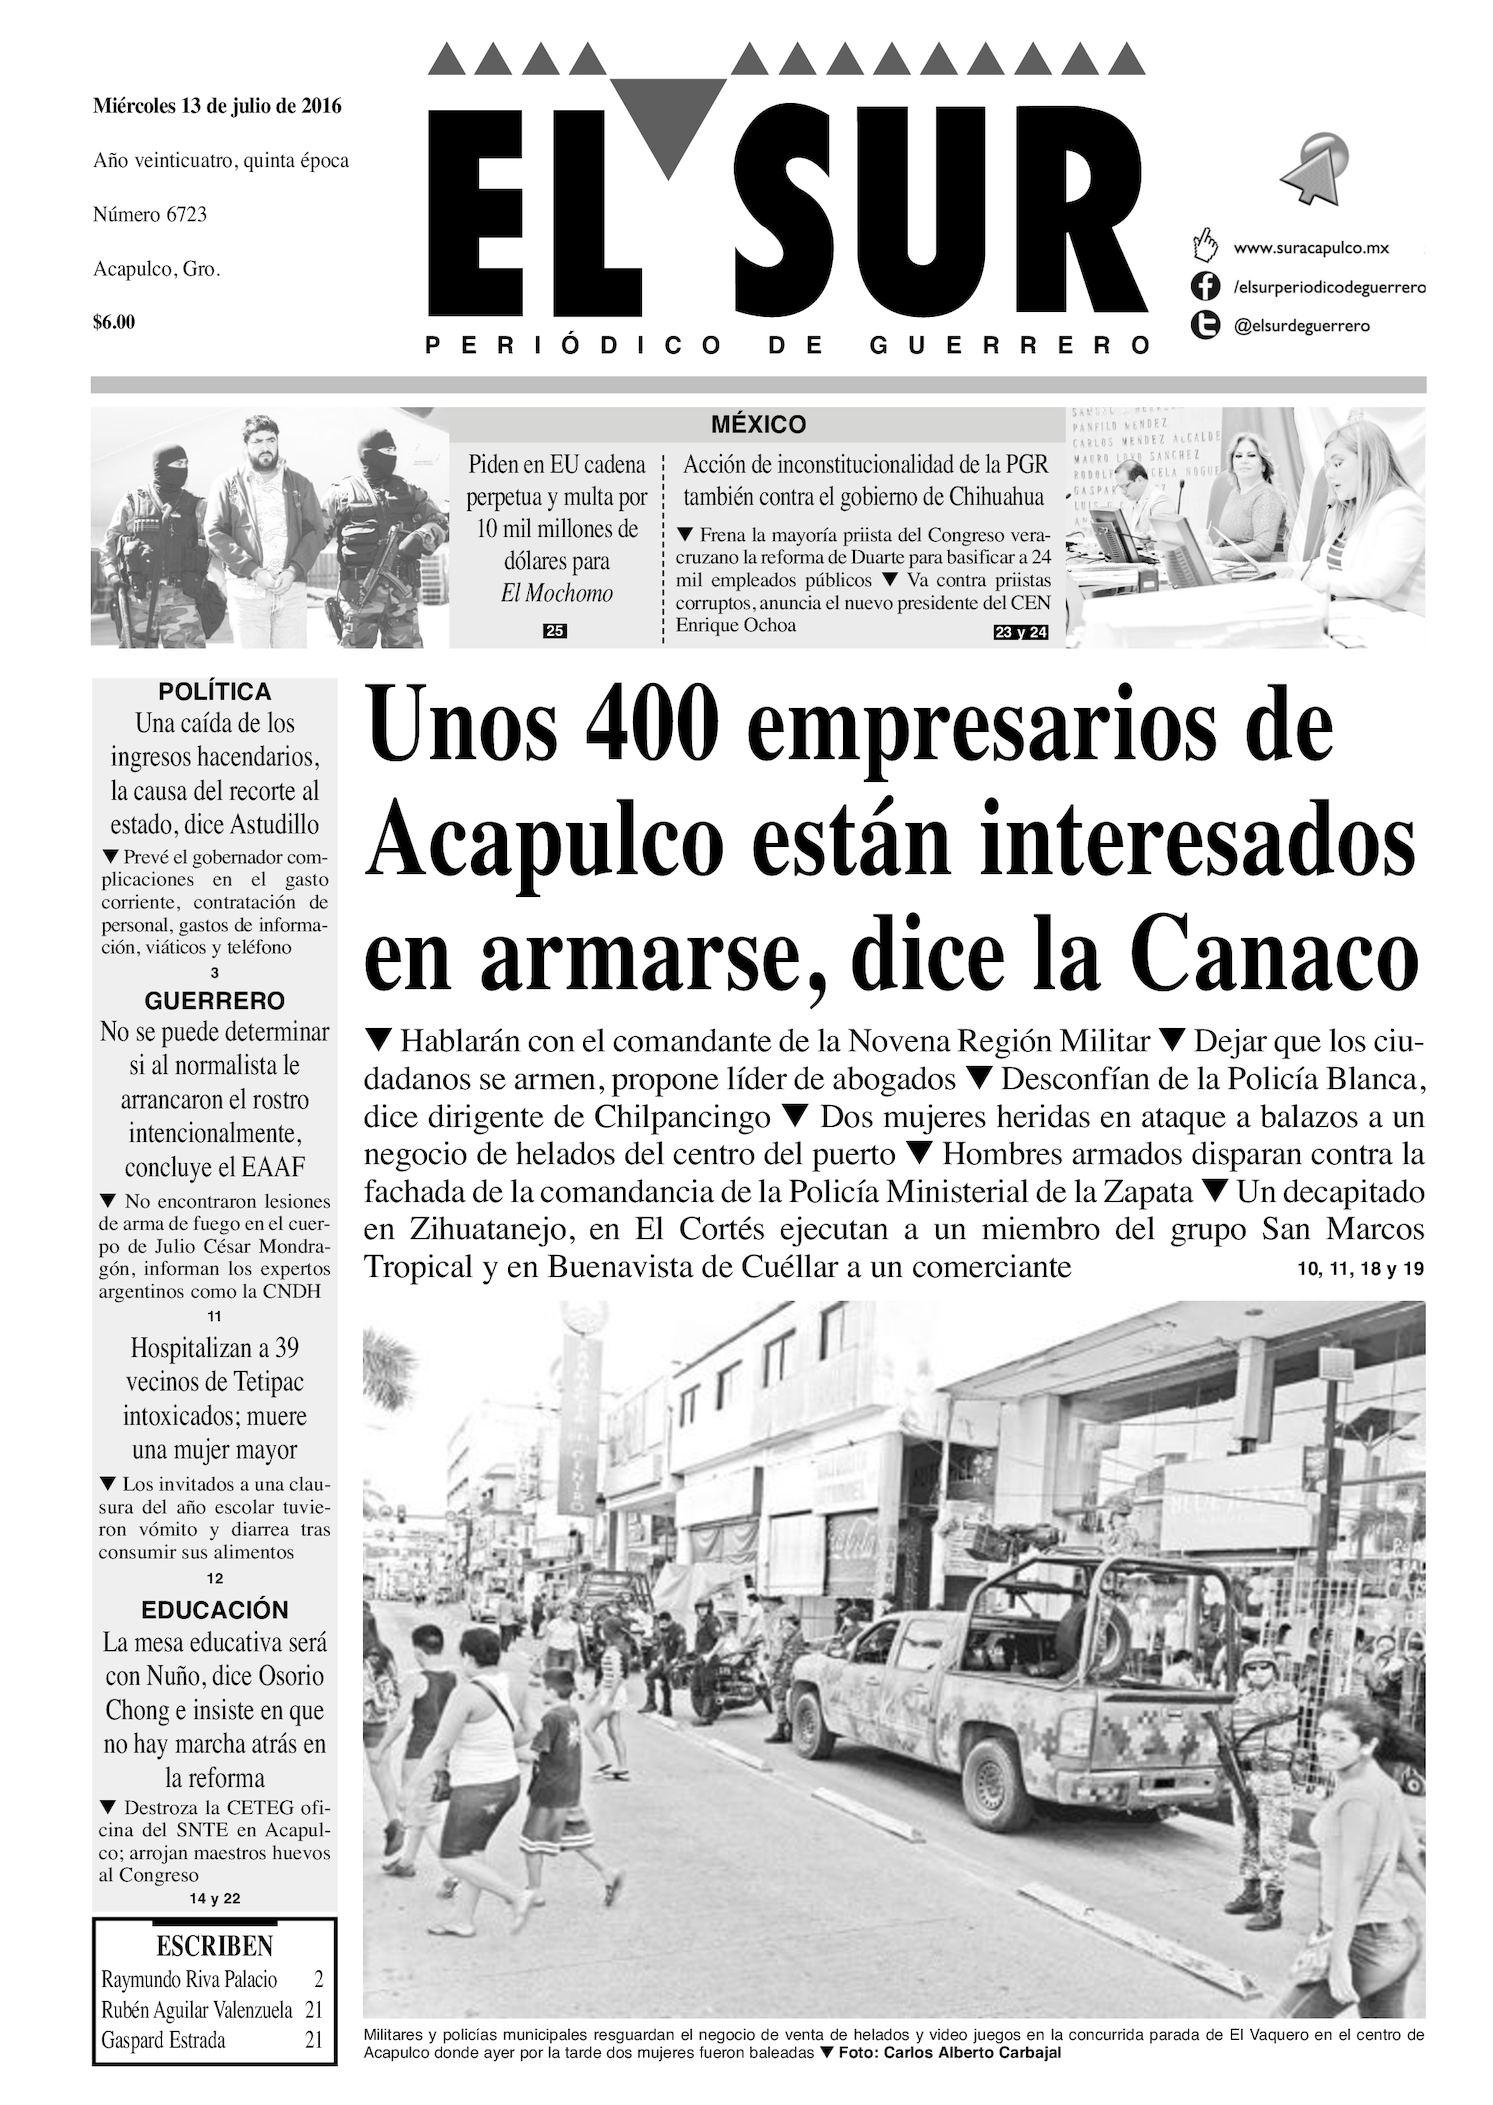 Calaméo - El Sur Miercoles 13072016 05a3ad7d576